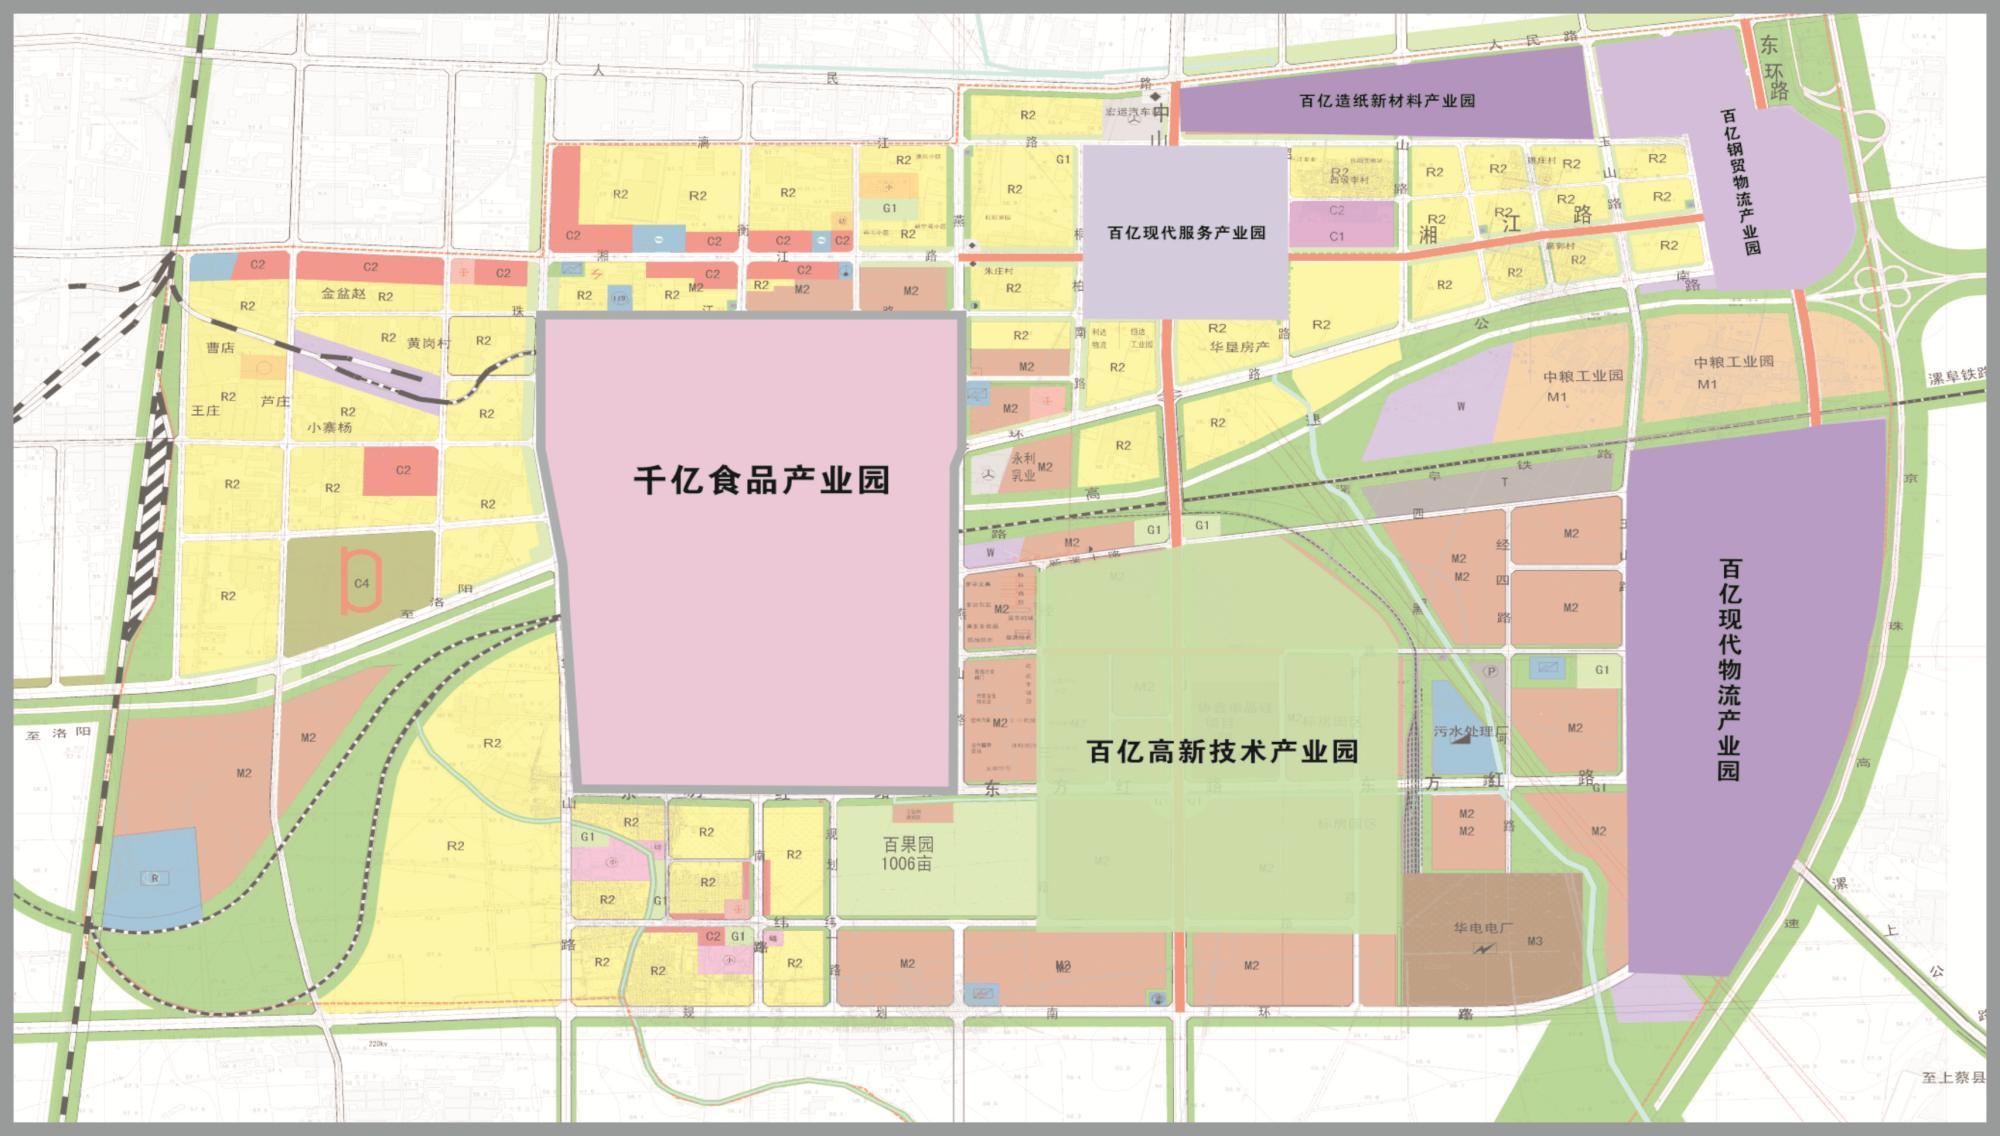 漯河街道地图高清版